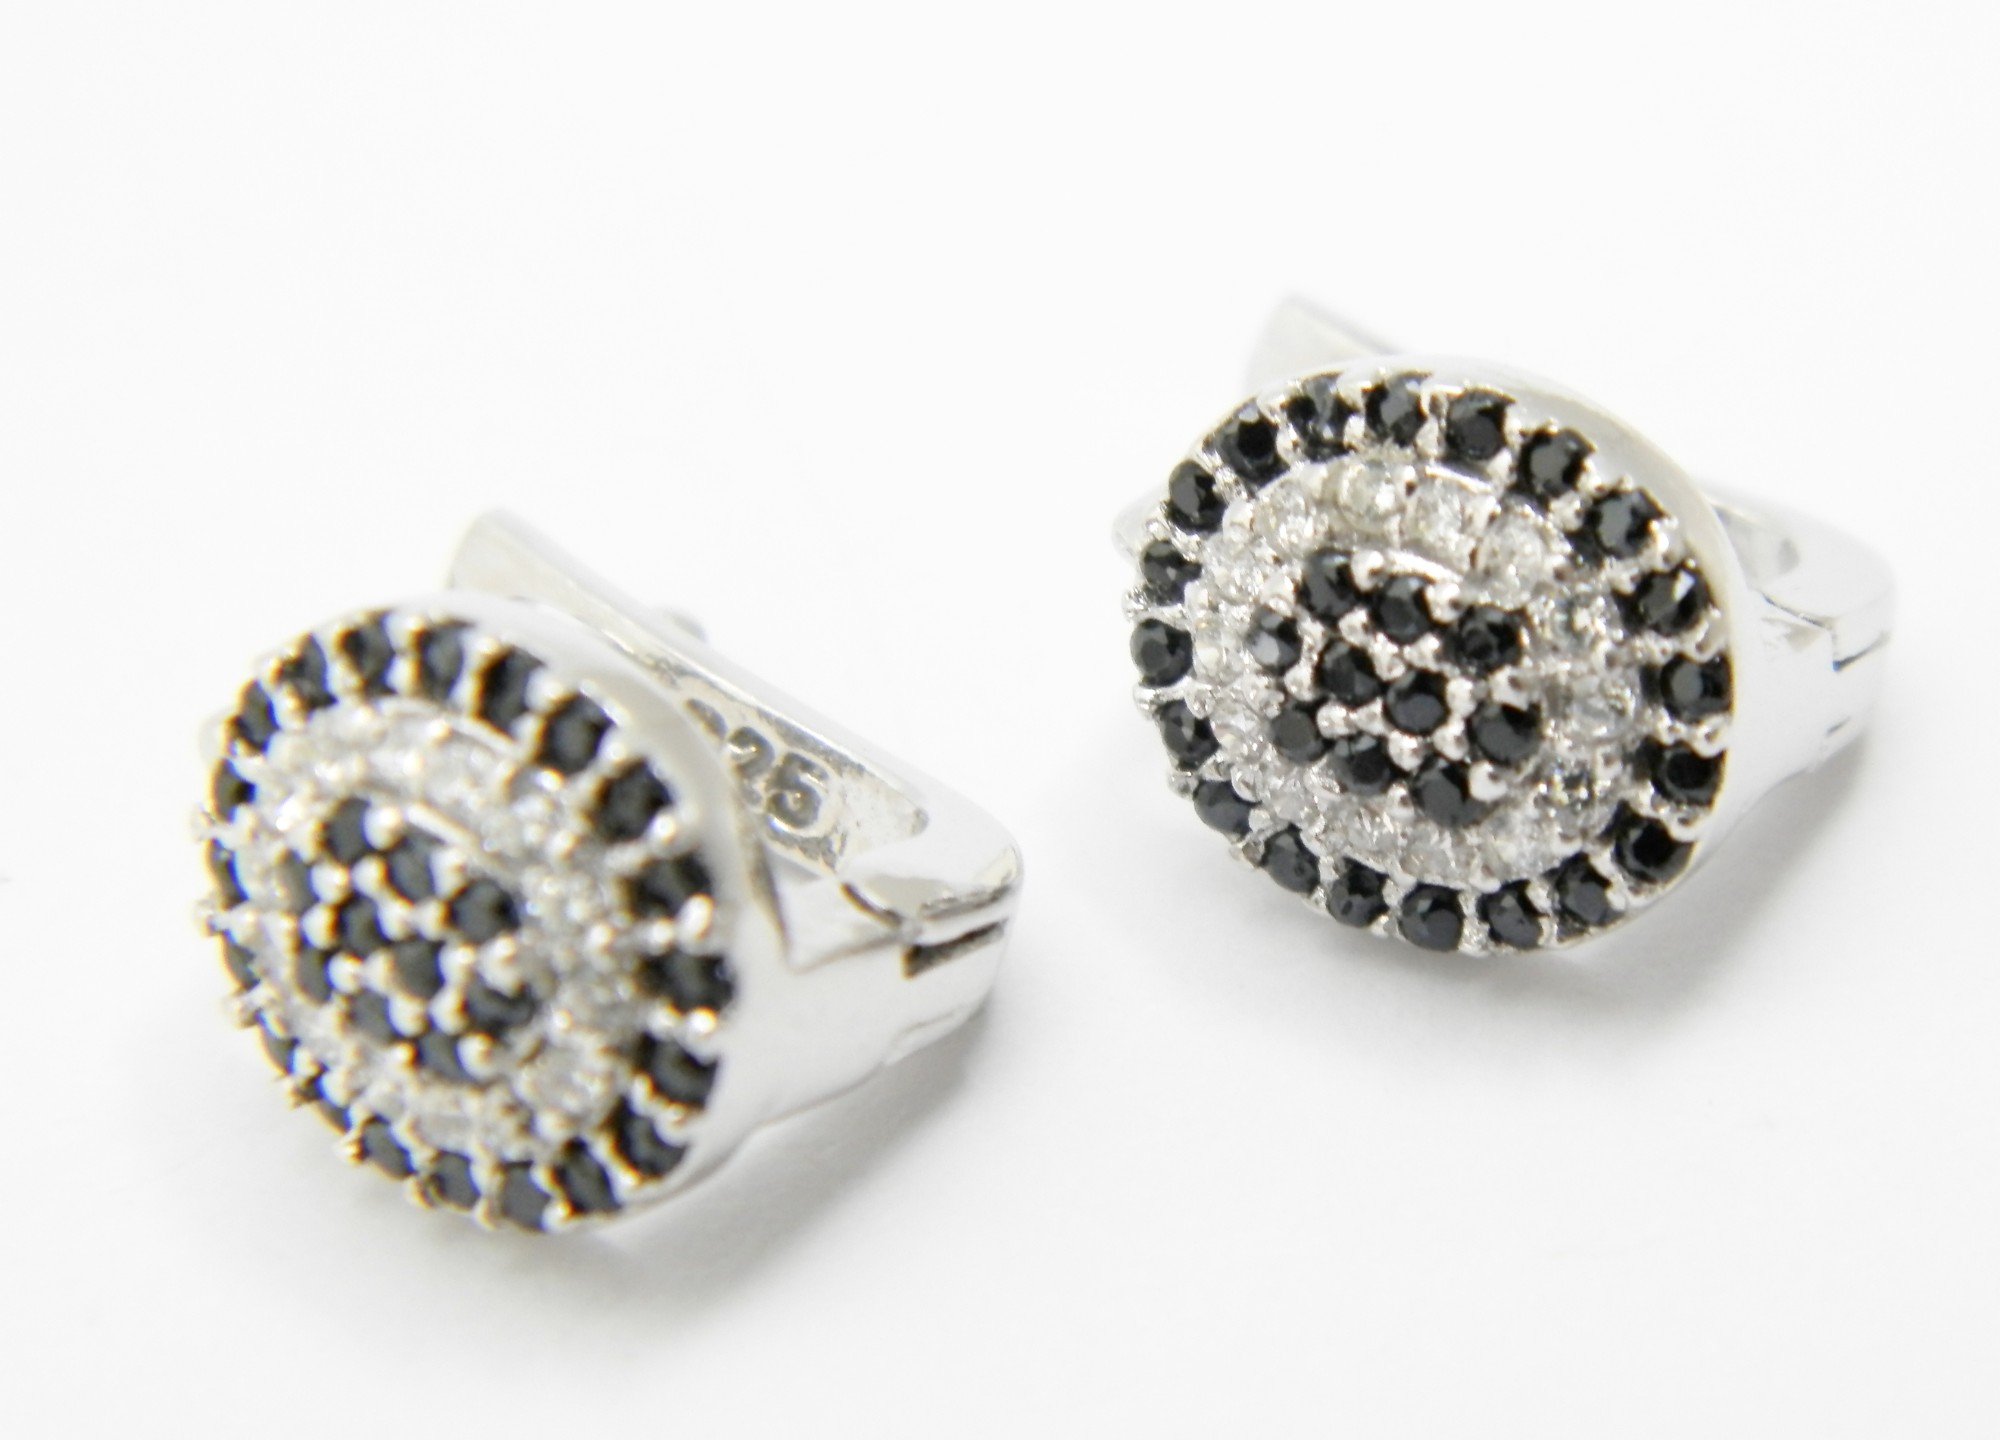 925/1000 stříbrné náušnice s černými a bílými zirkony Ovál